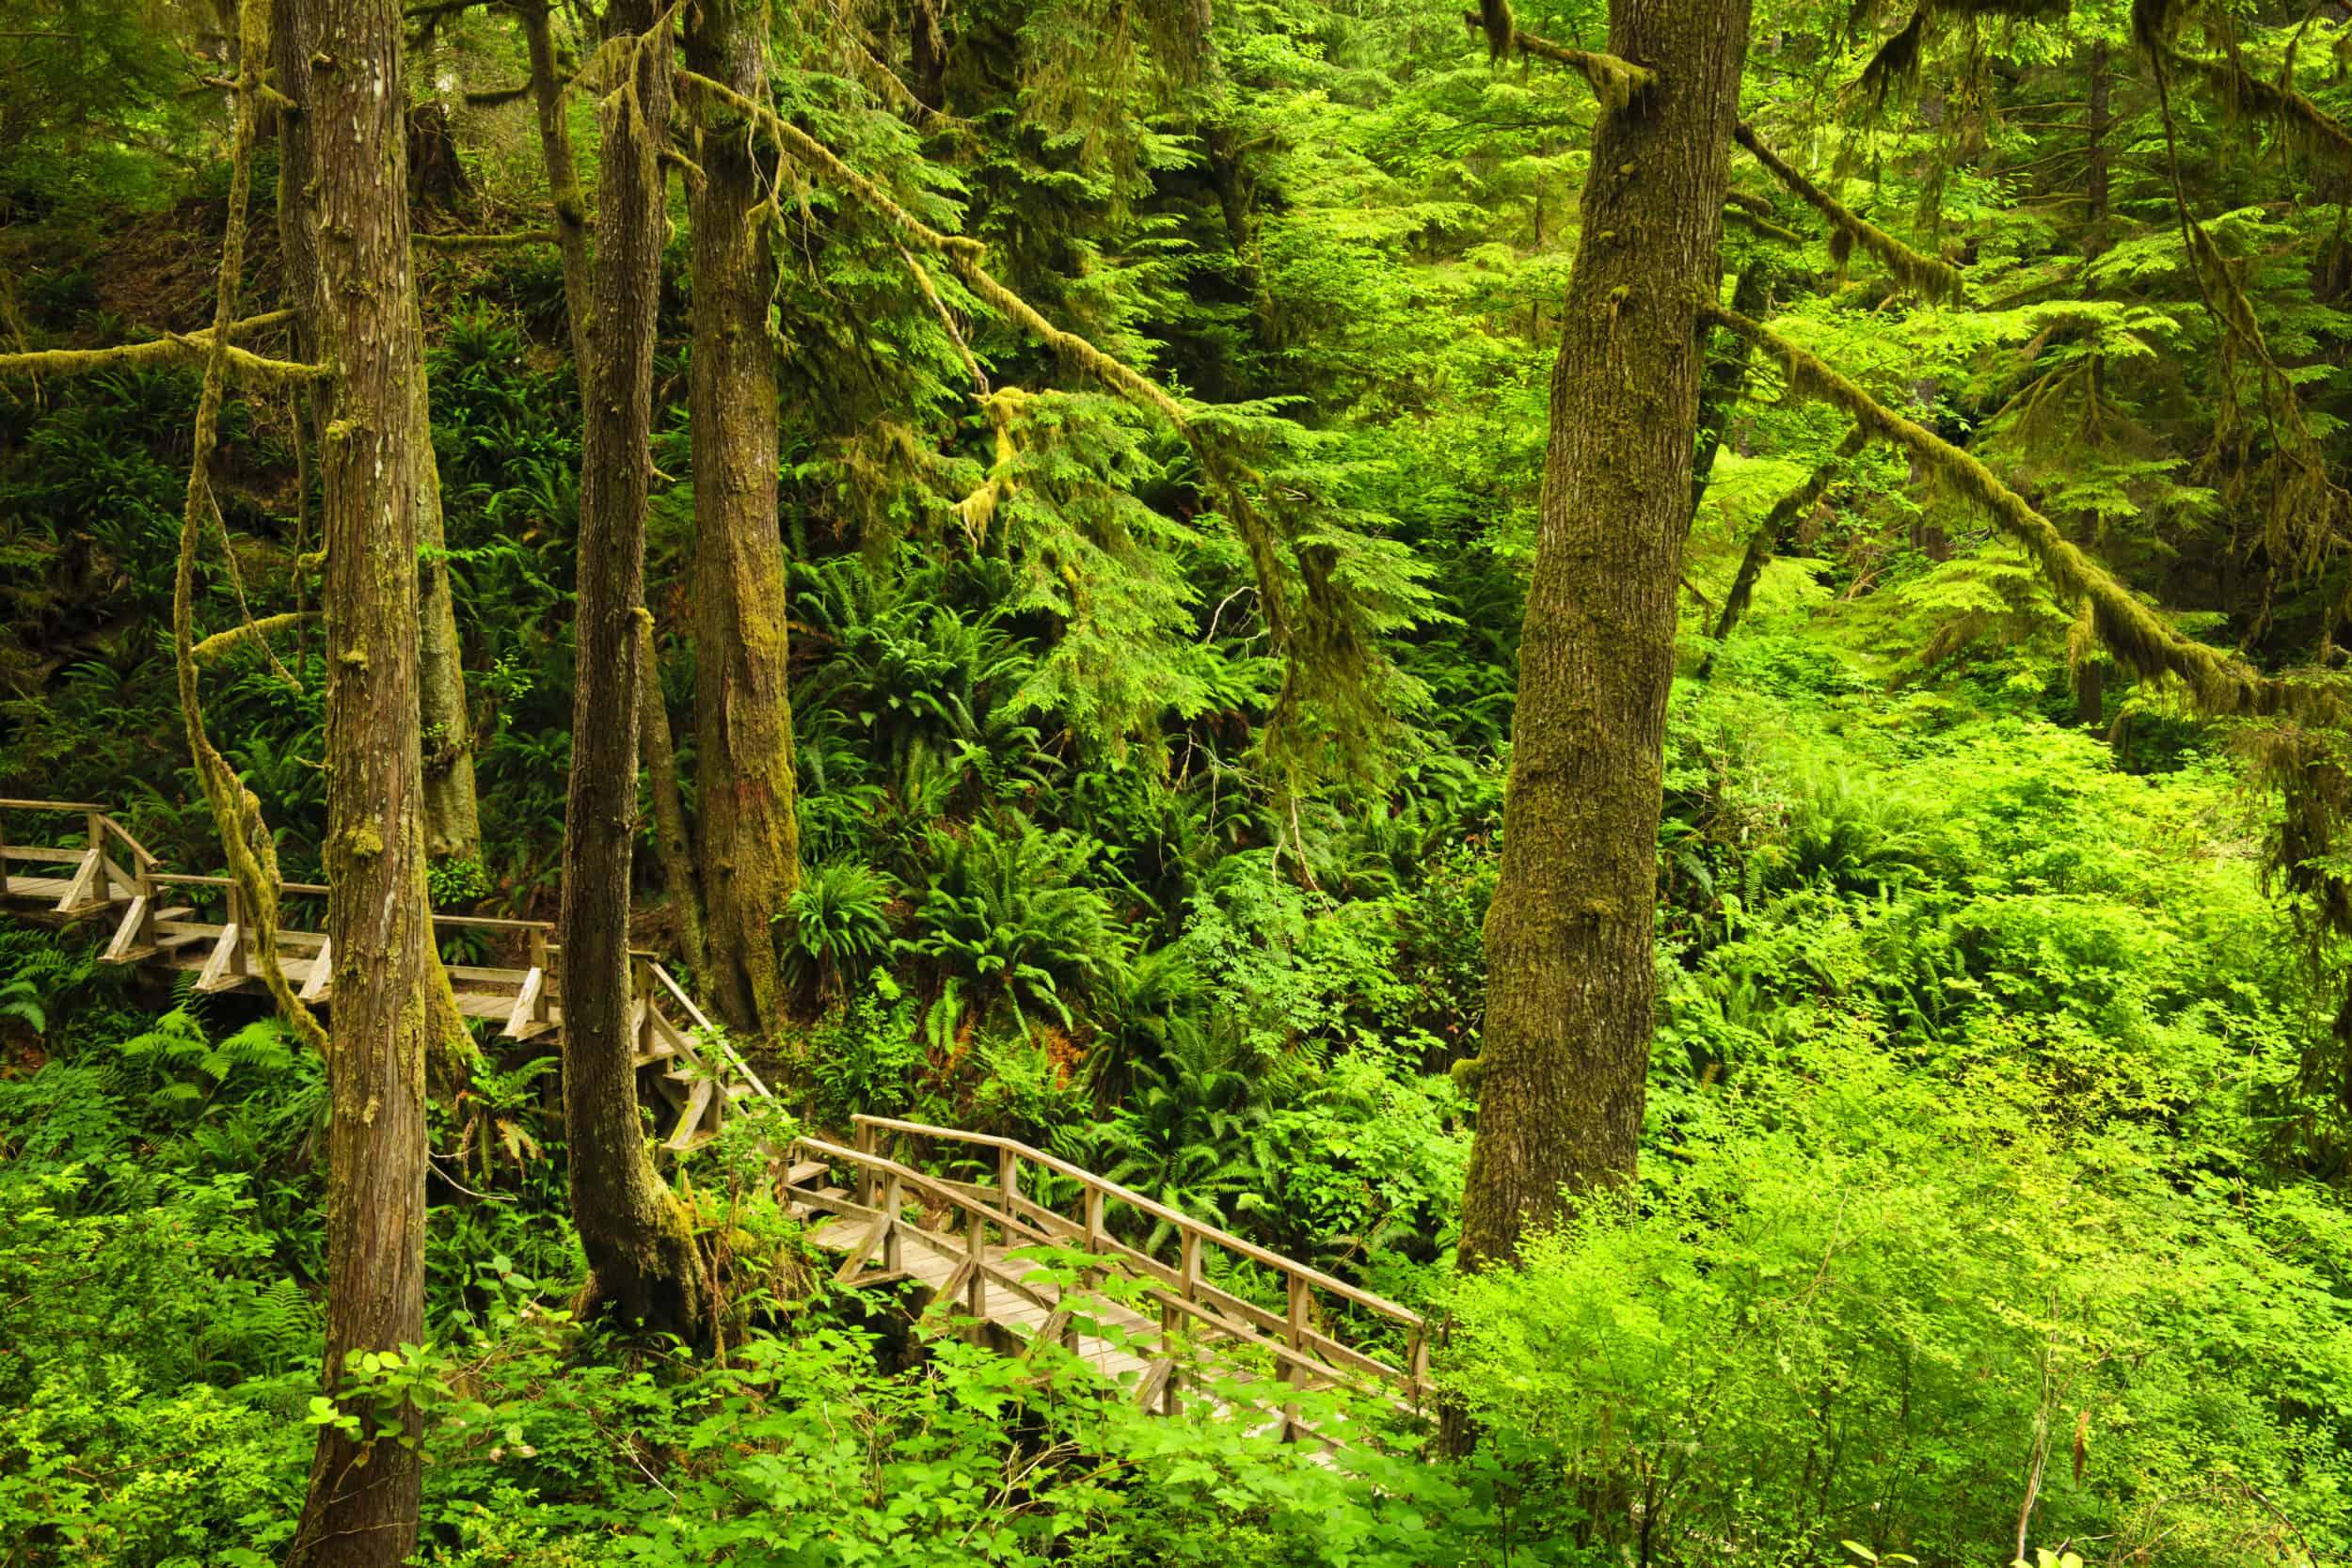 Kleiner Pfad führt durch den dichten Regenwald des Pacific Rim Nationalparks